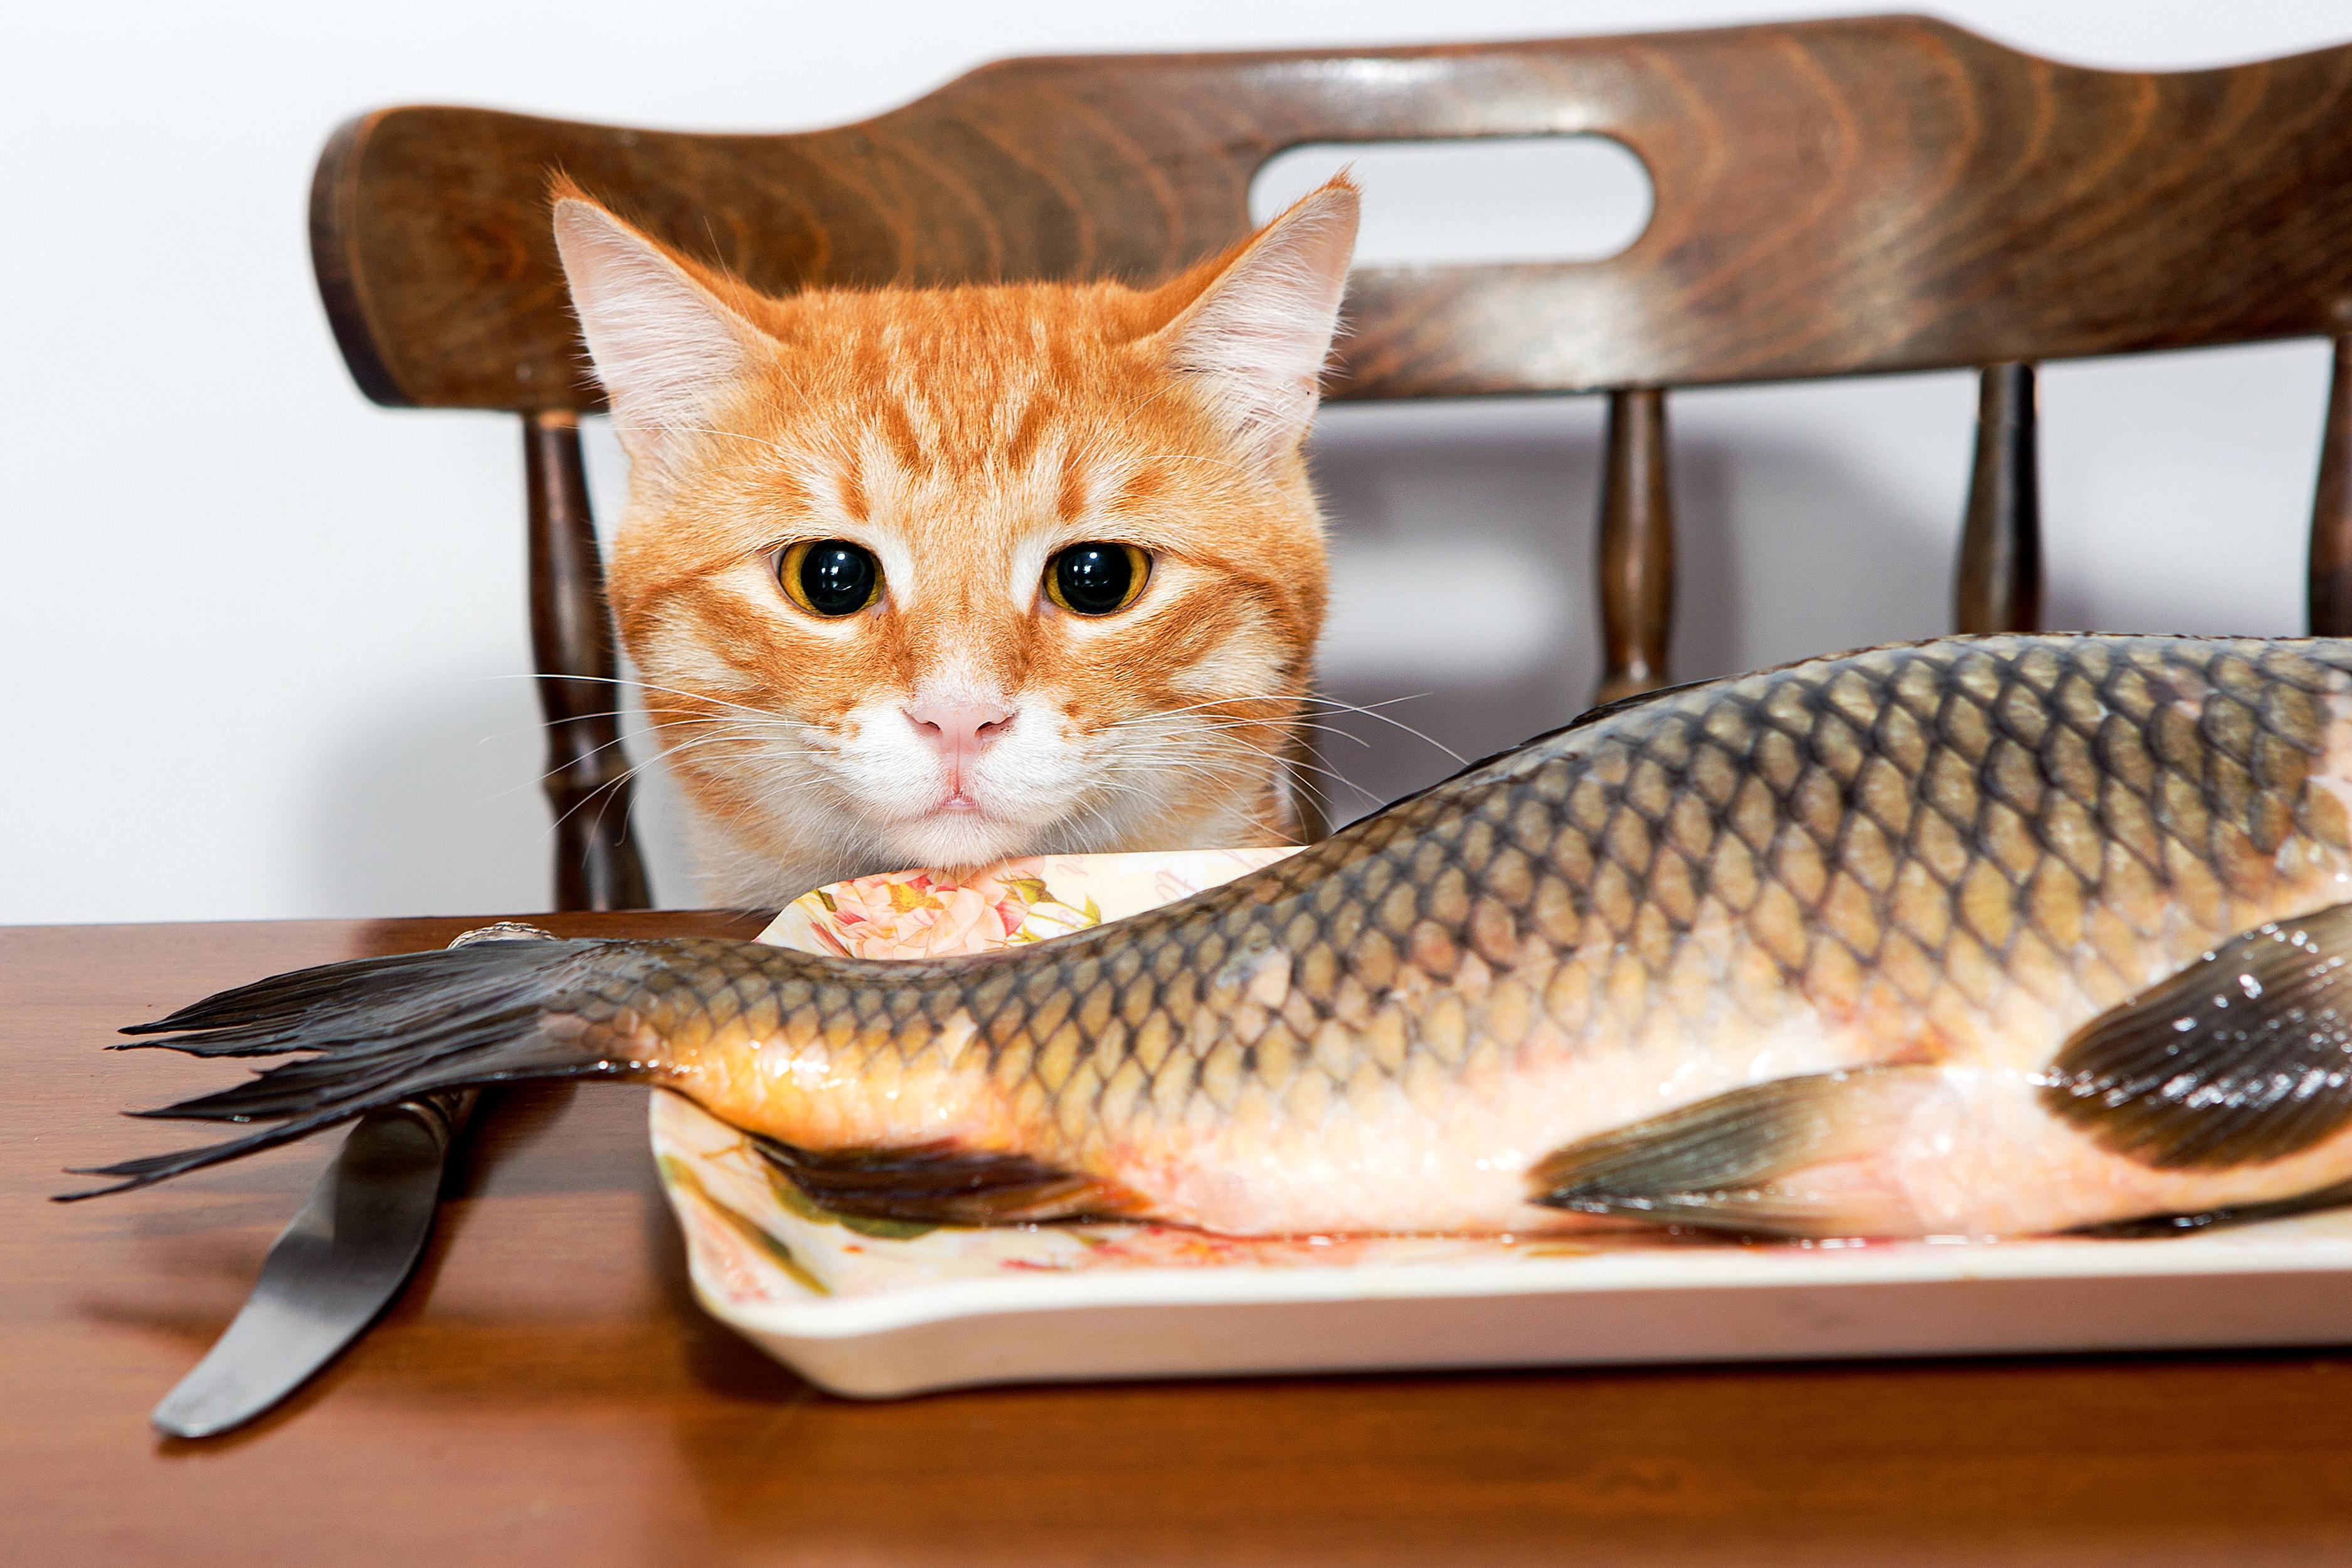 картинка котика с рыбками потому что красивые